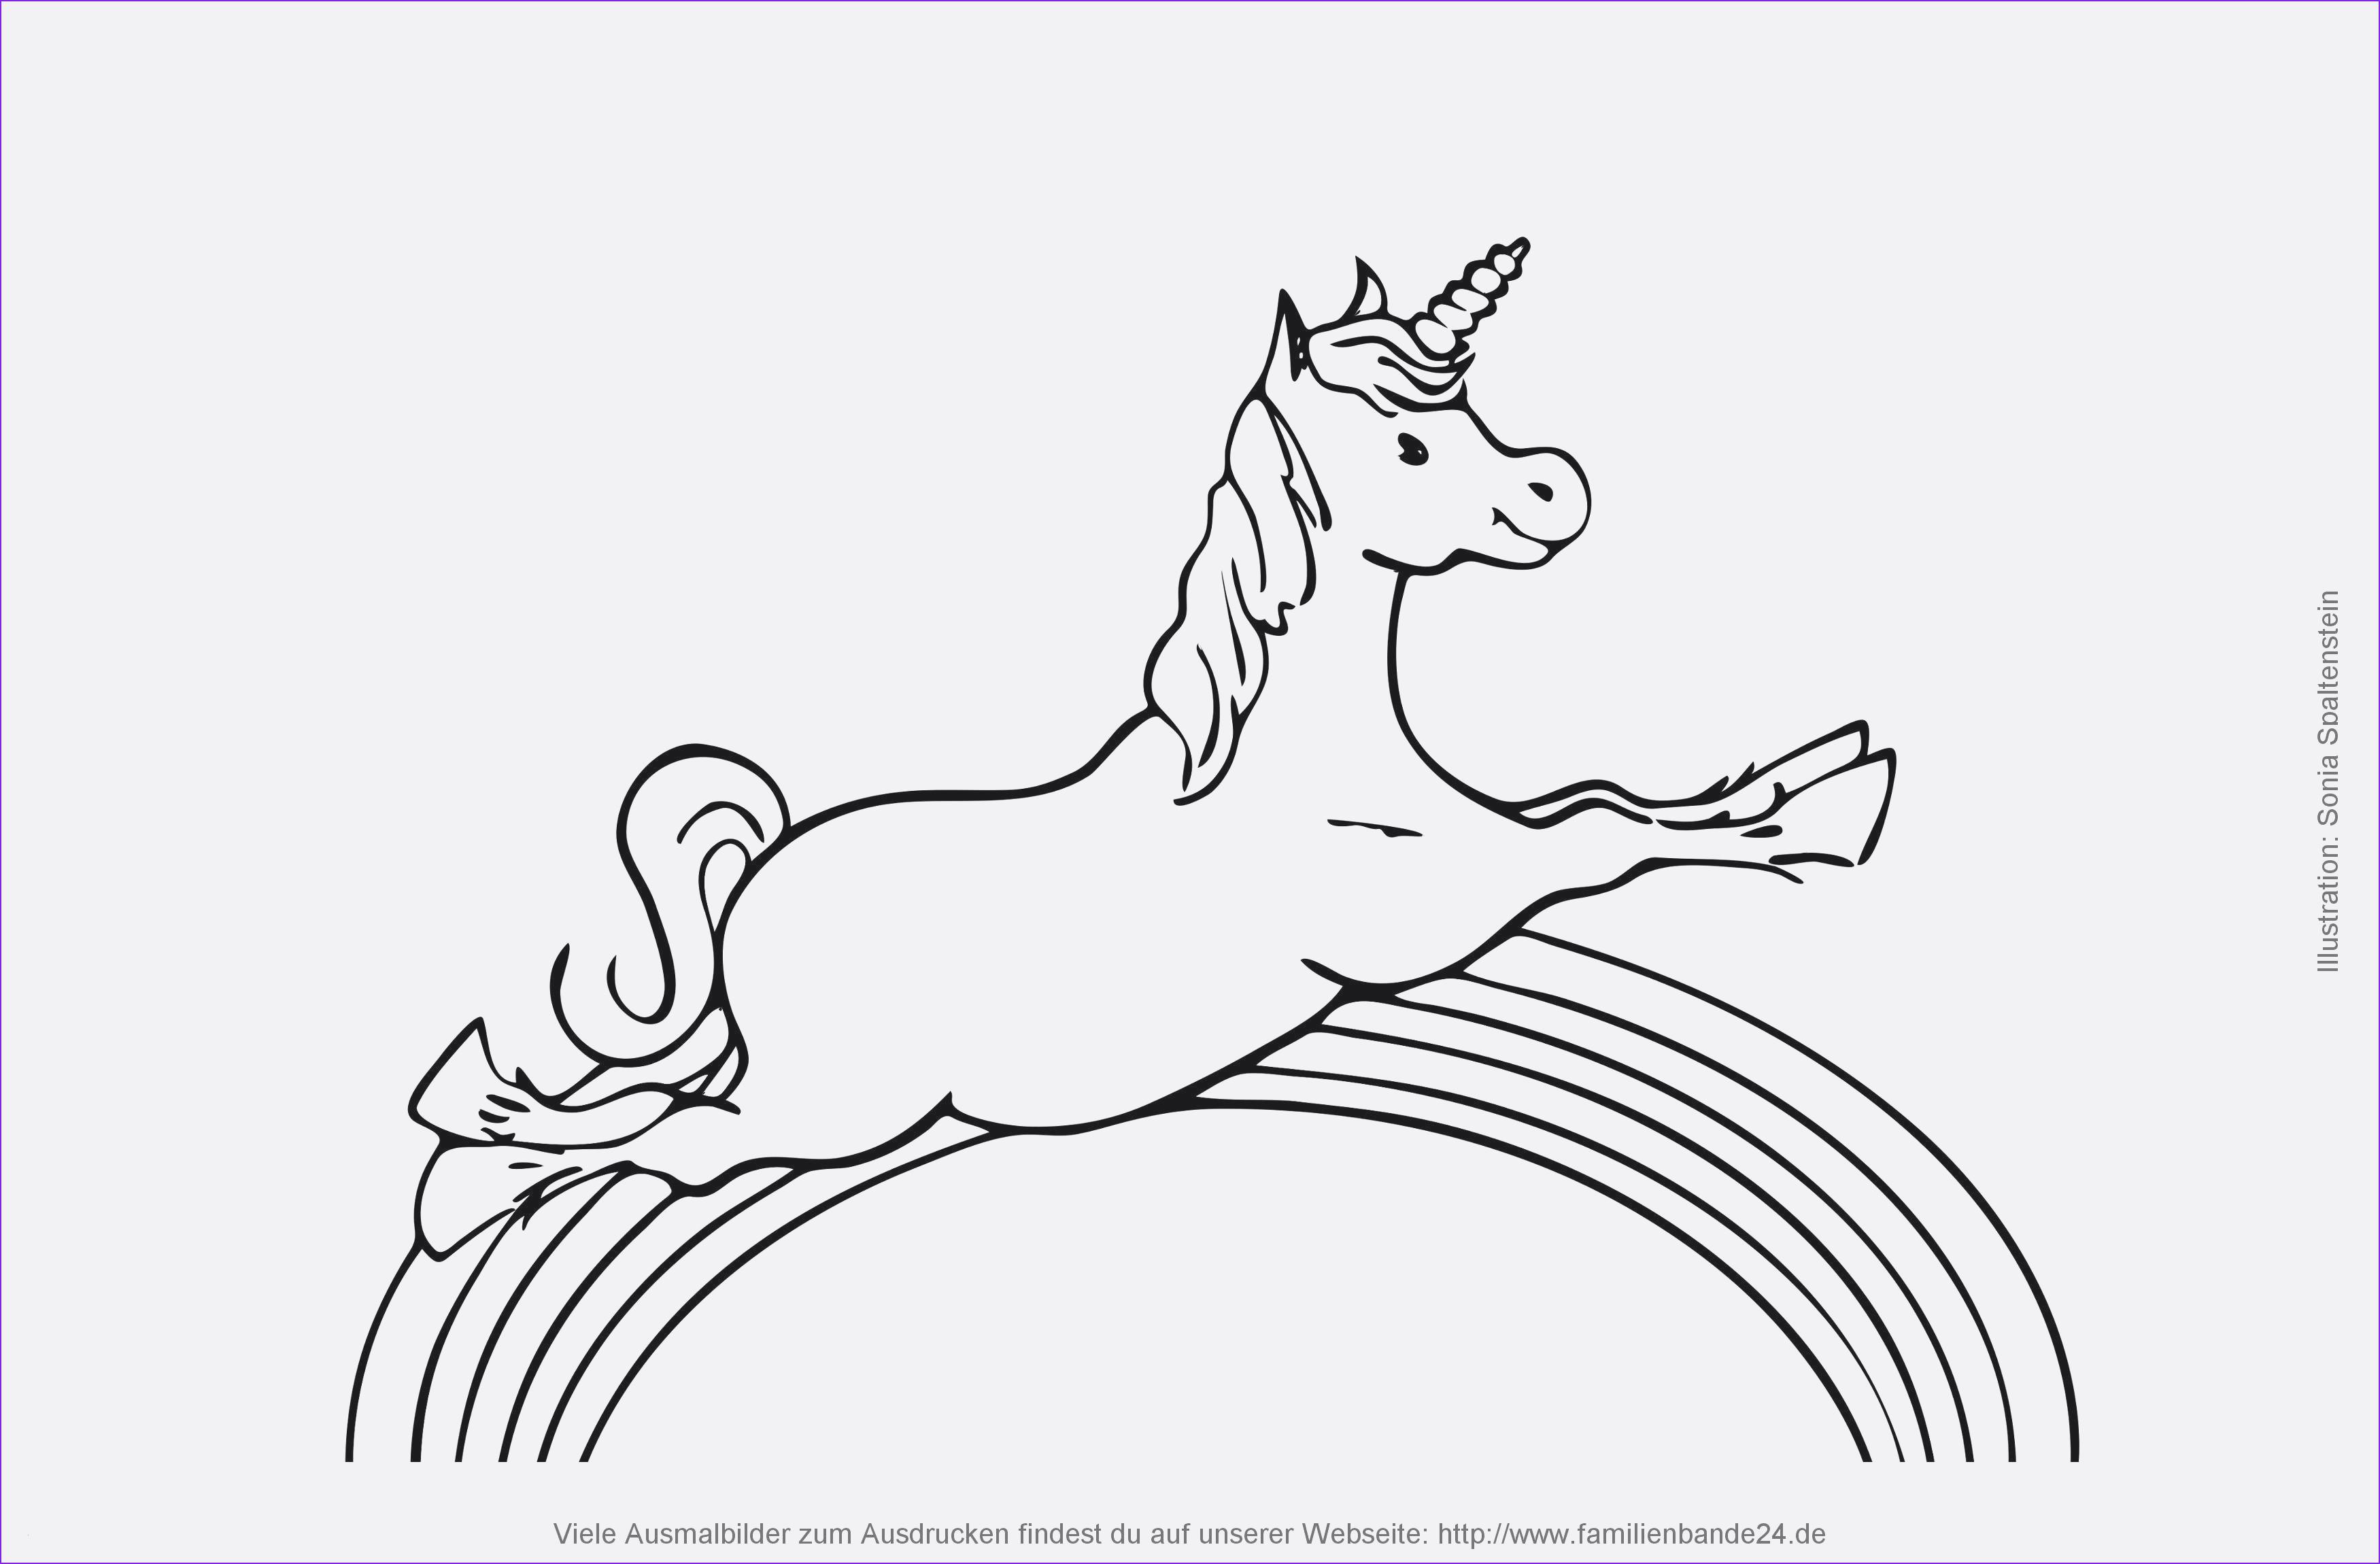 Pegasus Zum Ausmalen Neu Ausmalbilder Einhorn Pegasus Luxus Filly Mermaids Ausmalbilder Zum Sammlung